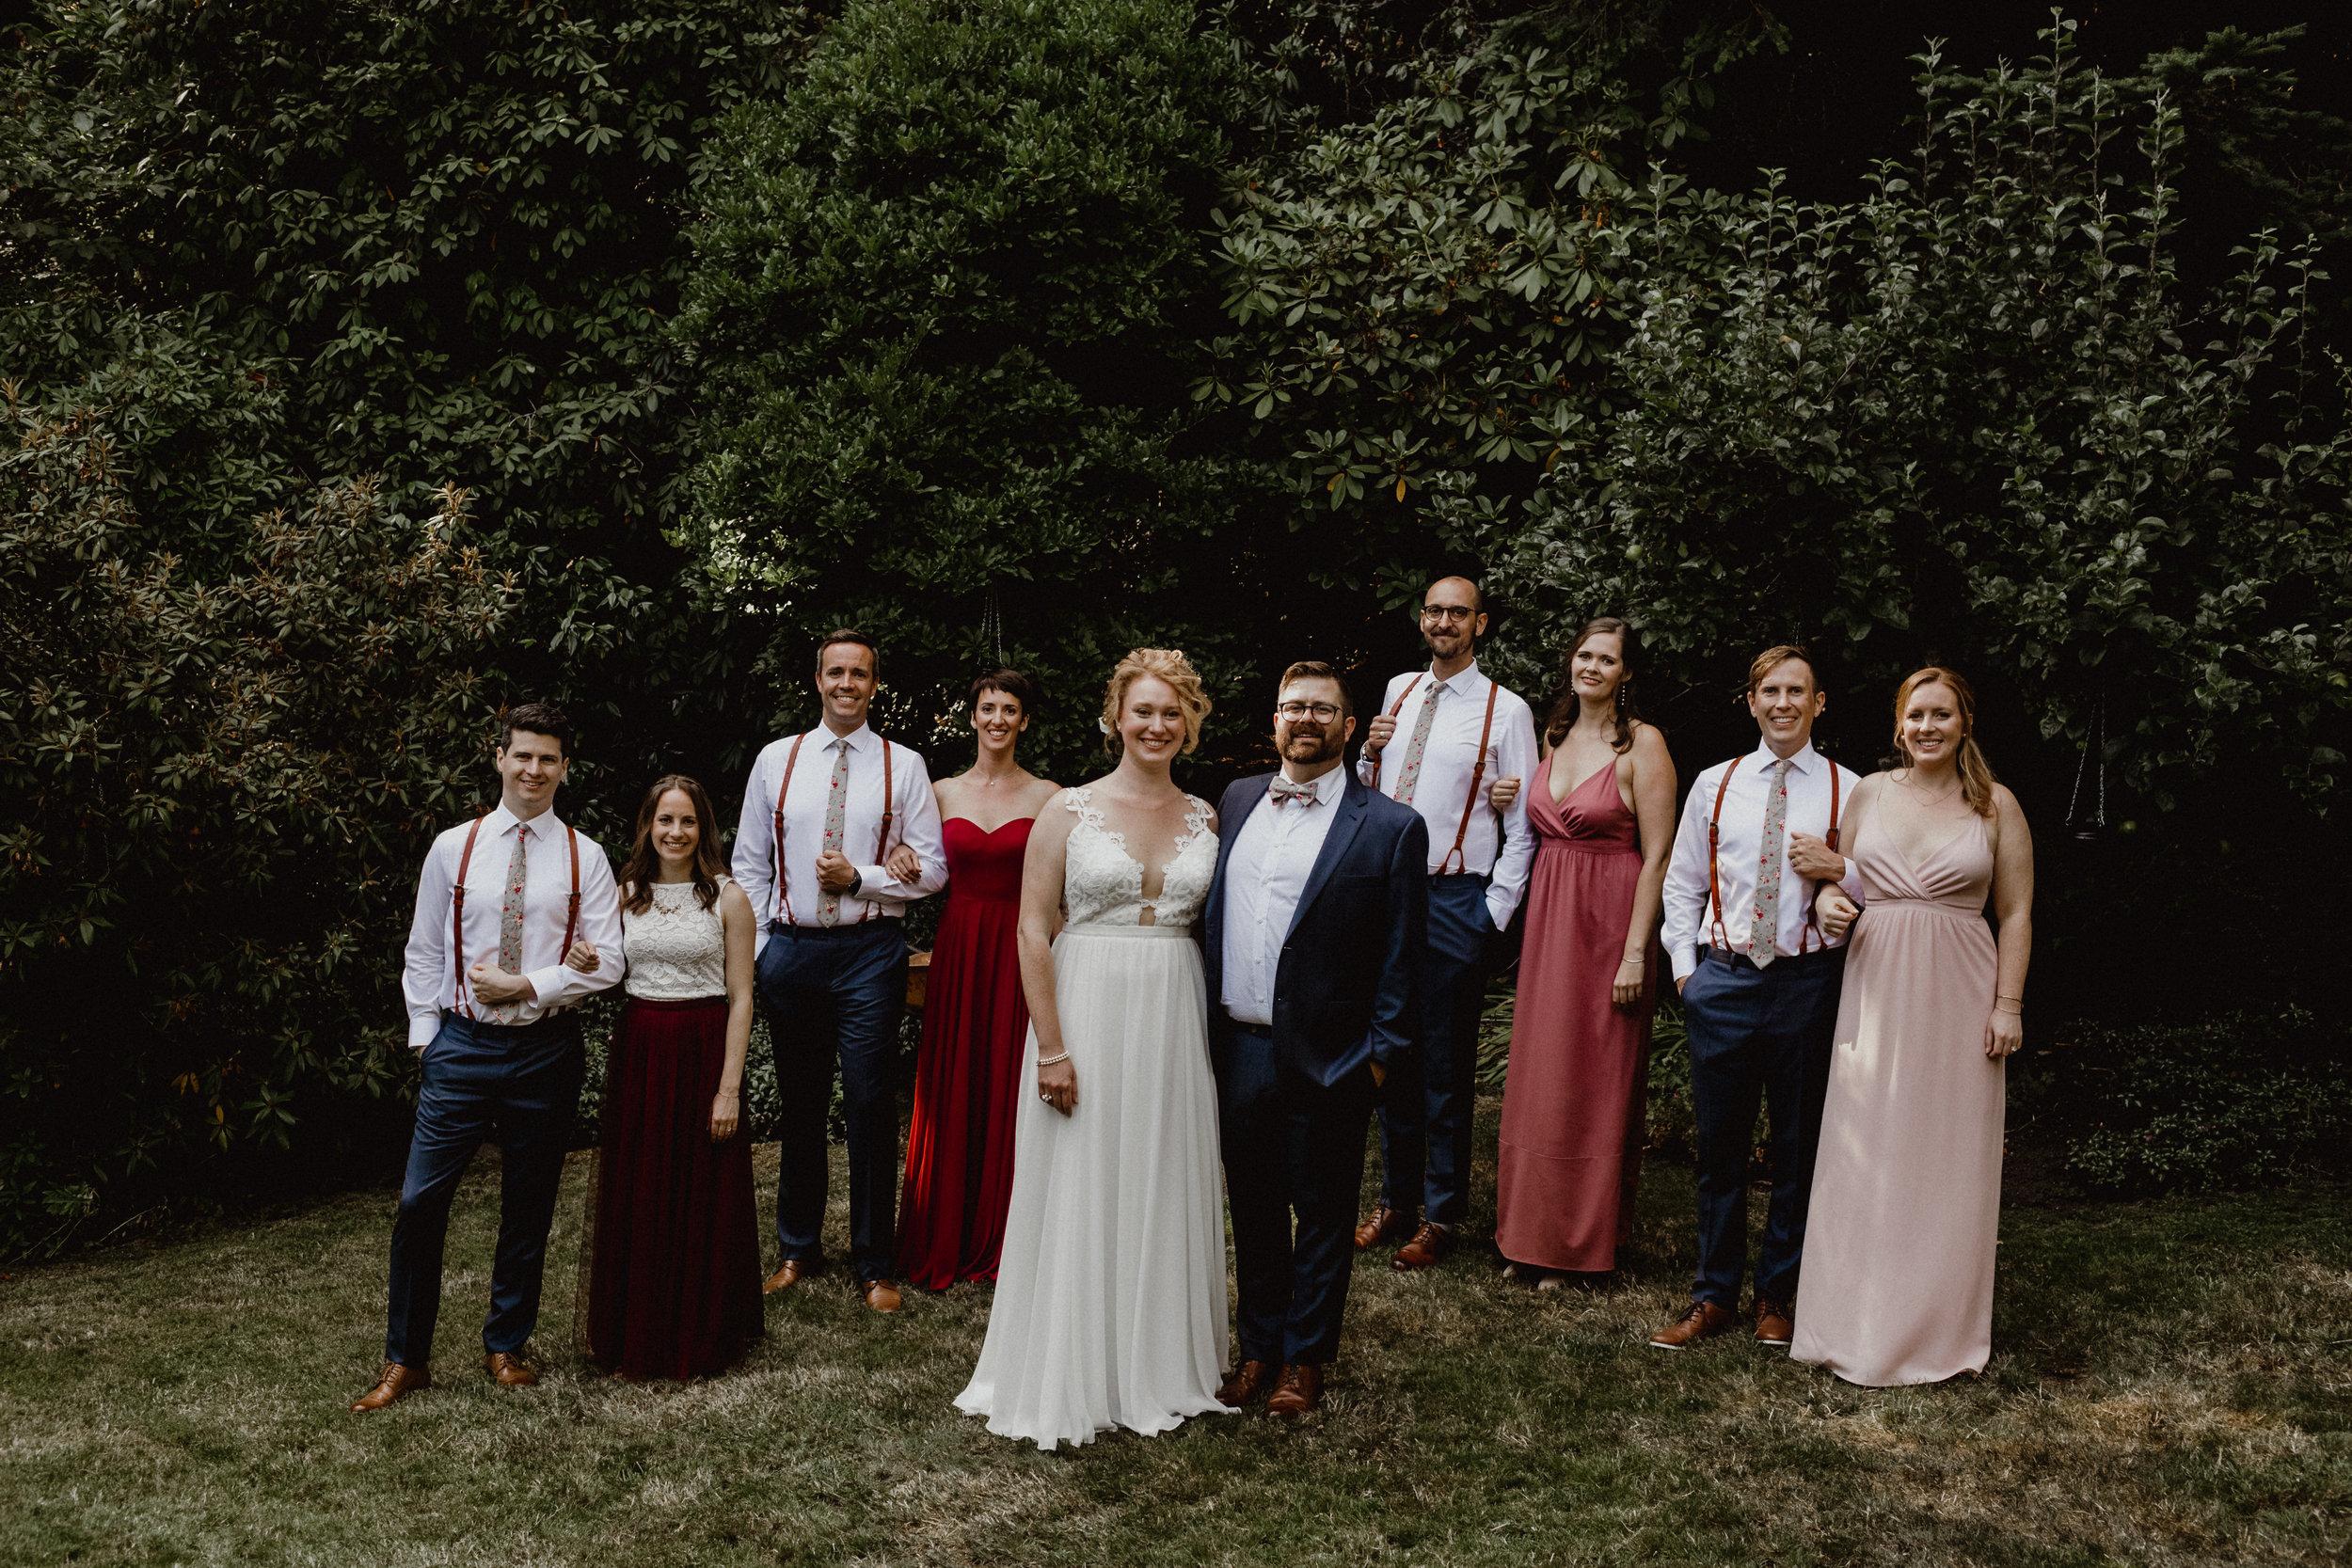 west-vancouver-backyard-wedding-161.jpg